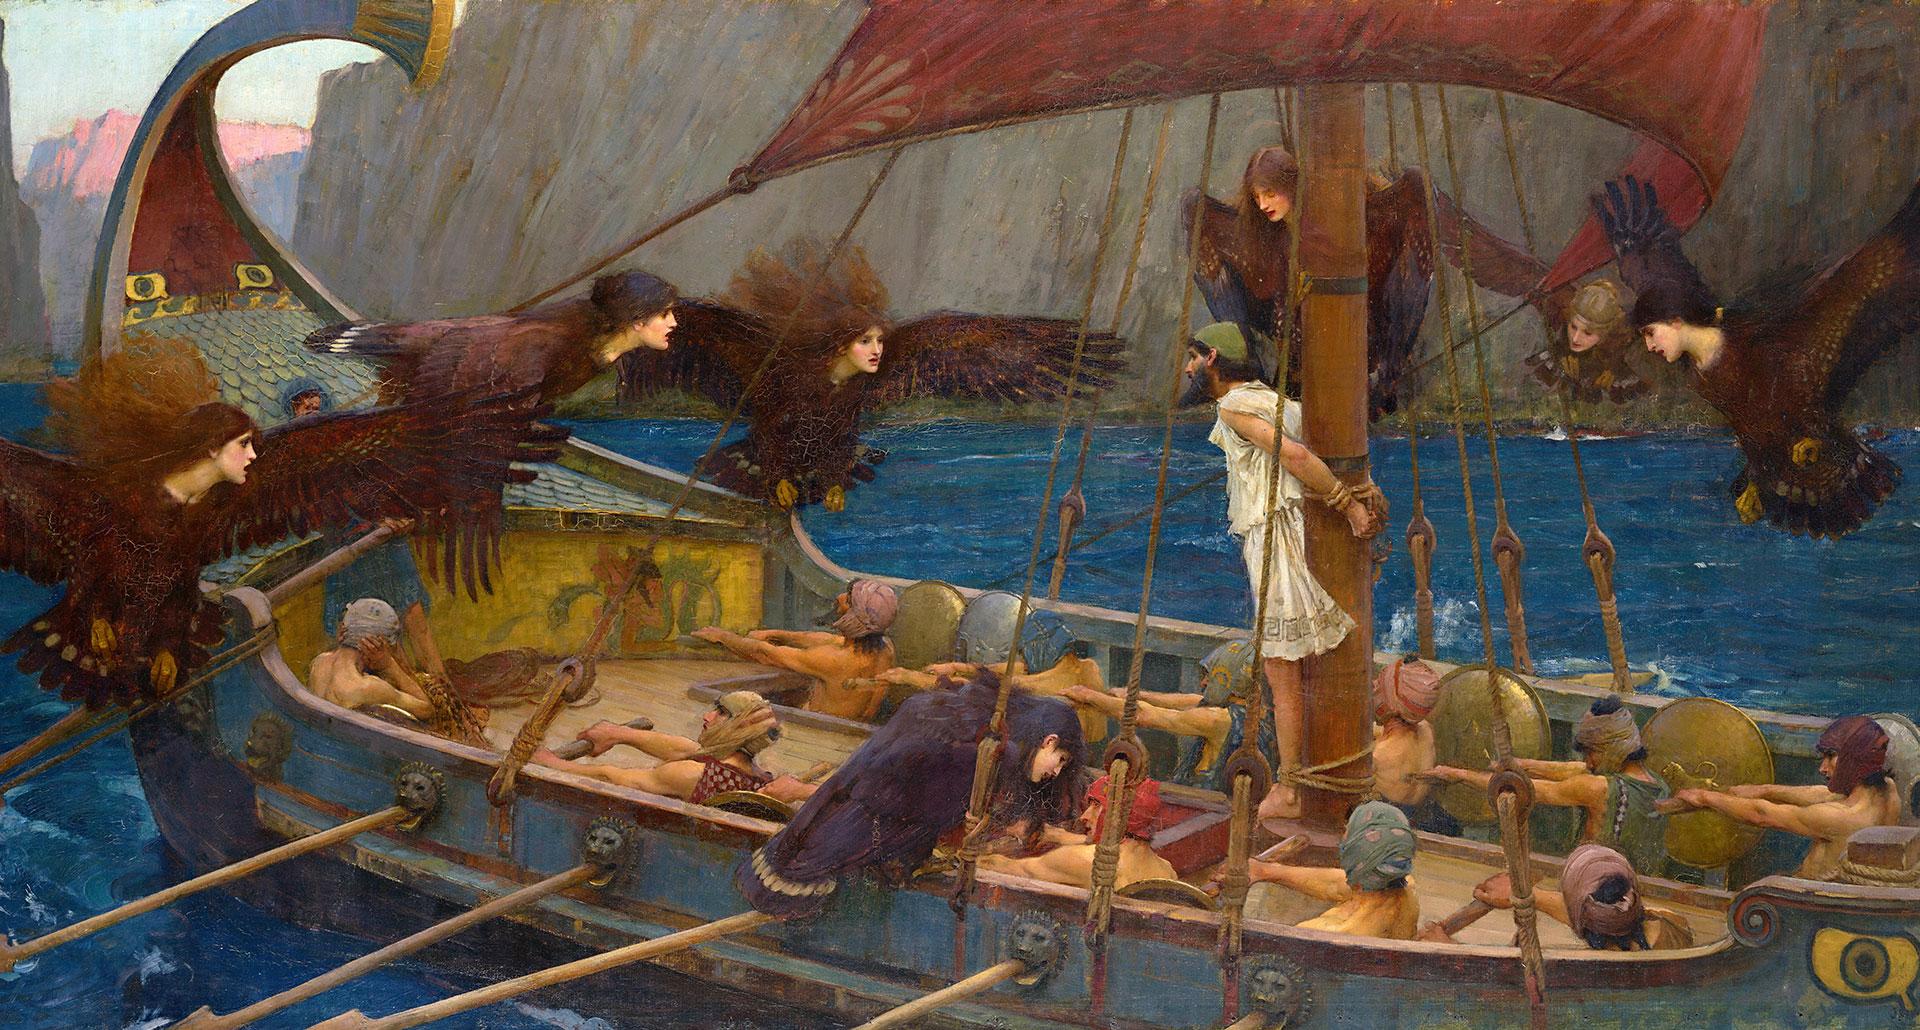 myt greek oysseen3 - Odysseen af Homer - Resume og fuld version Illustreret